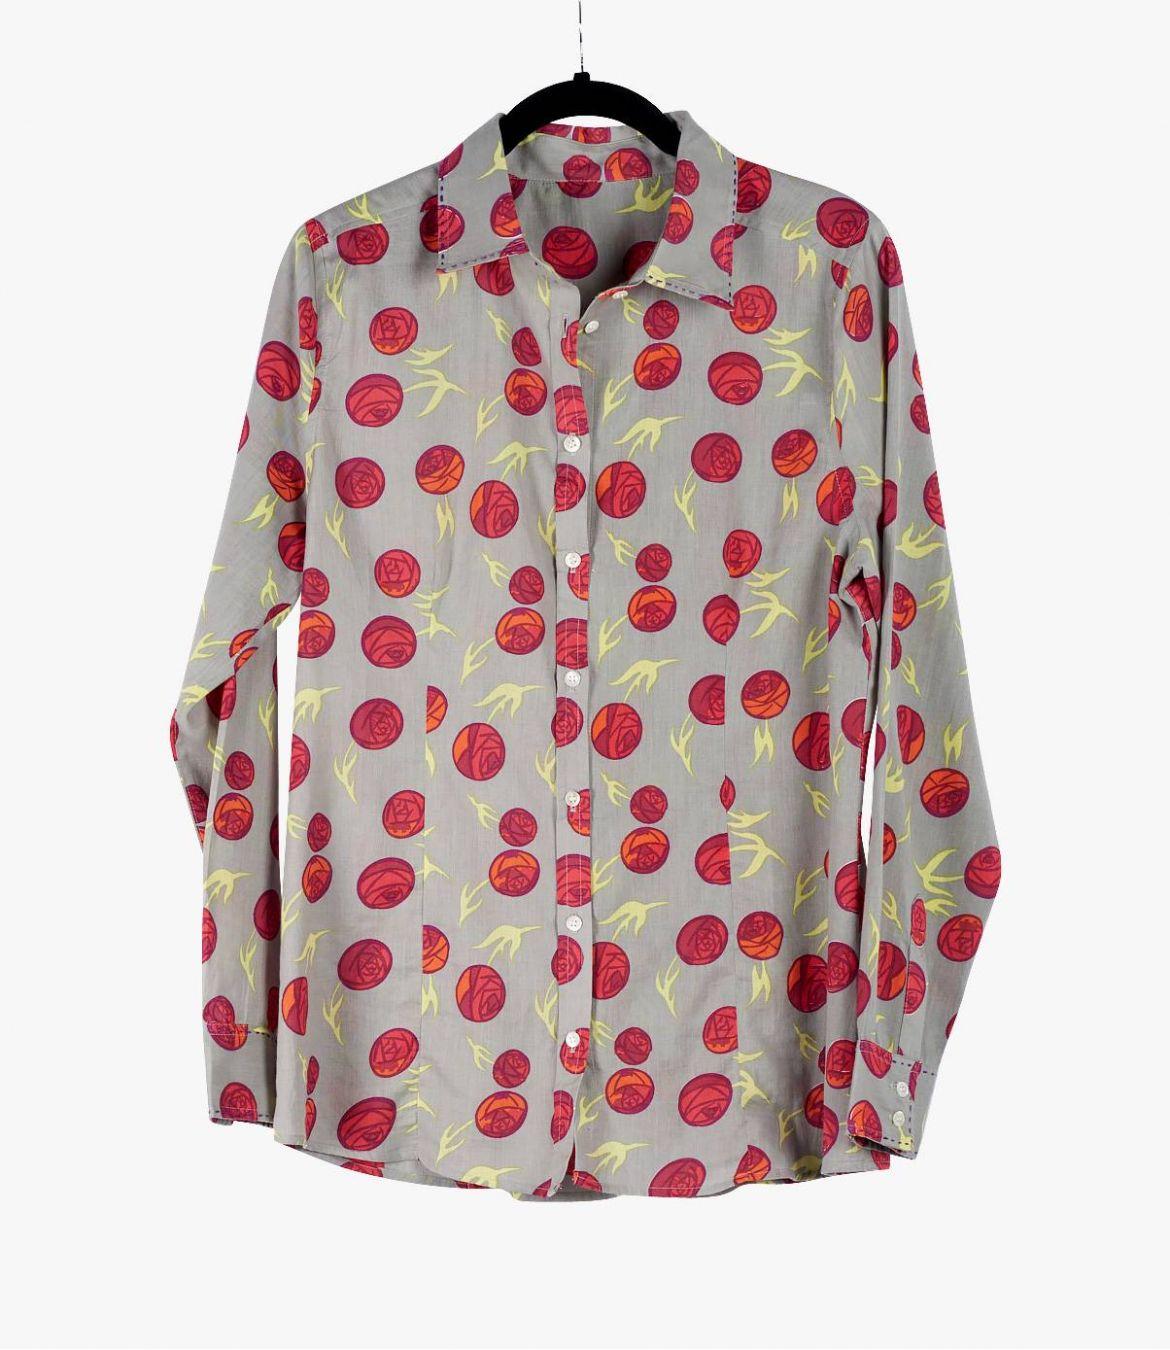 BONI ANAS Cotton Shirt for Women Storiatipic - 2